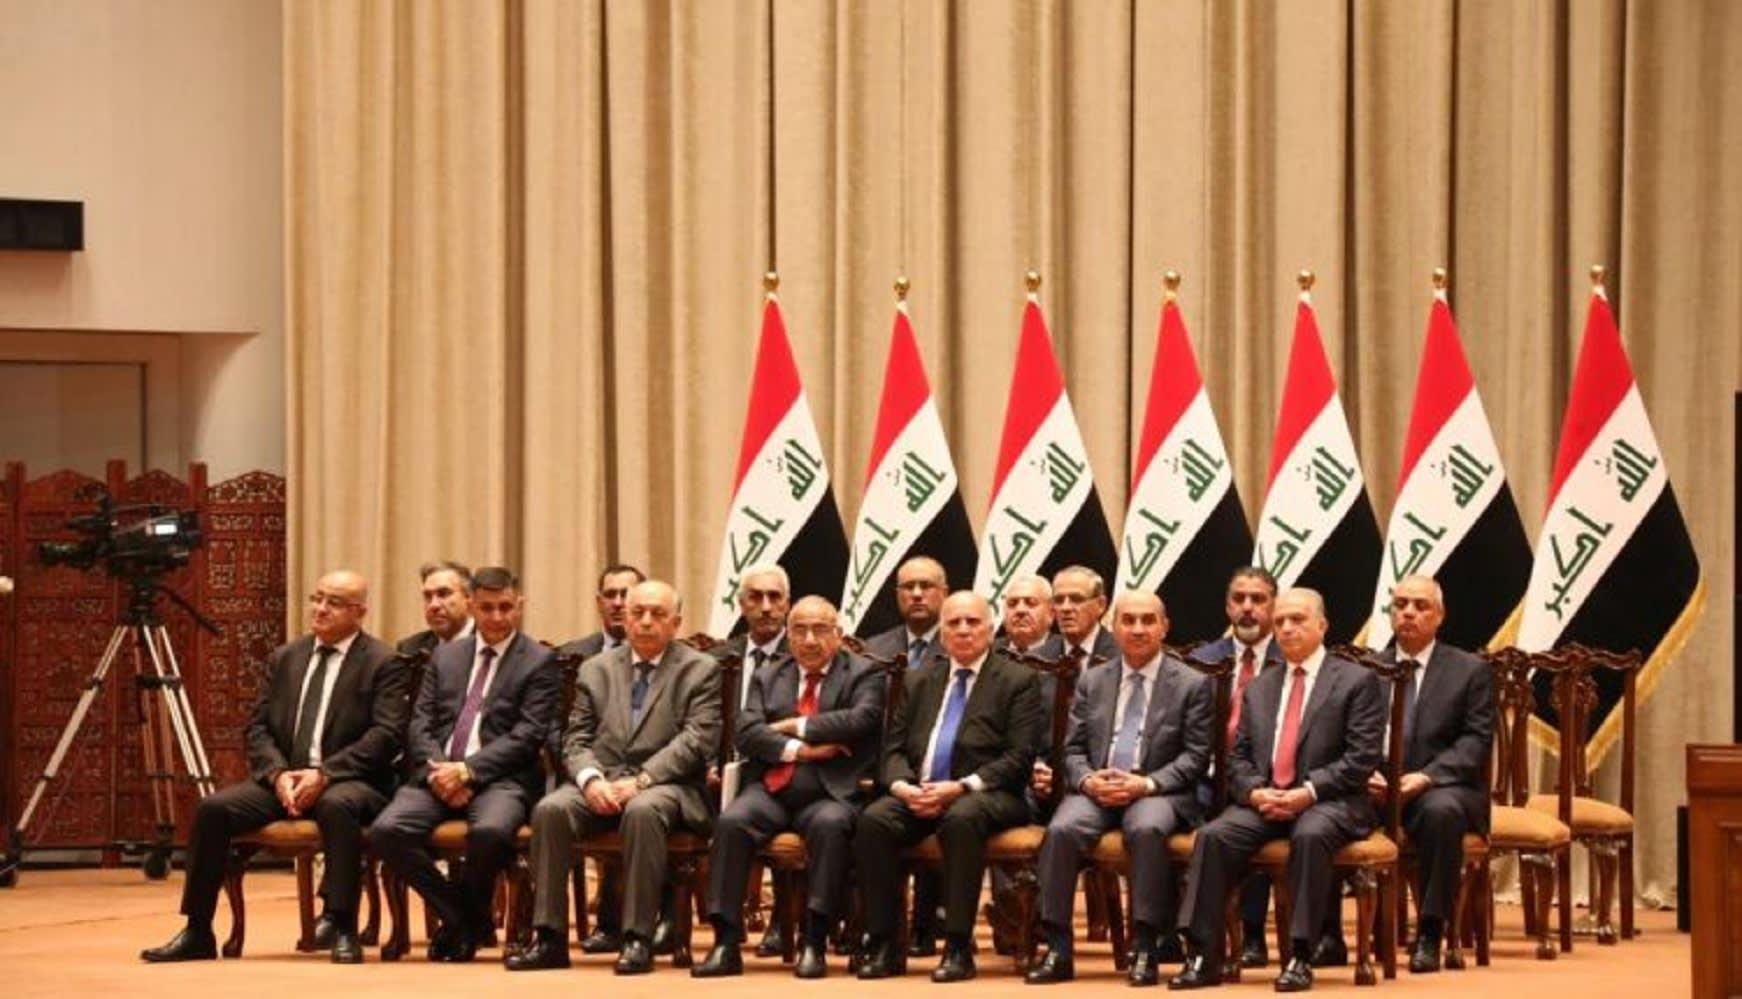 رئيس حكومة العراق الجديد يؤدي اليمين الدستورية مع 14 وزيرا